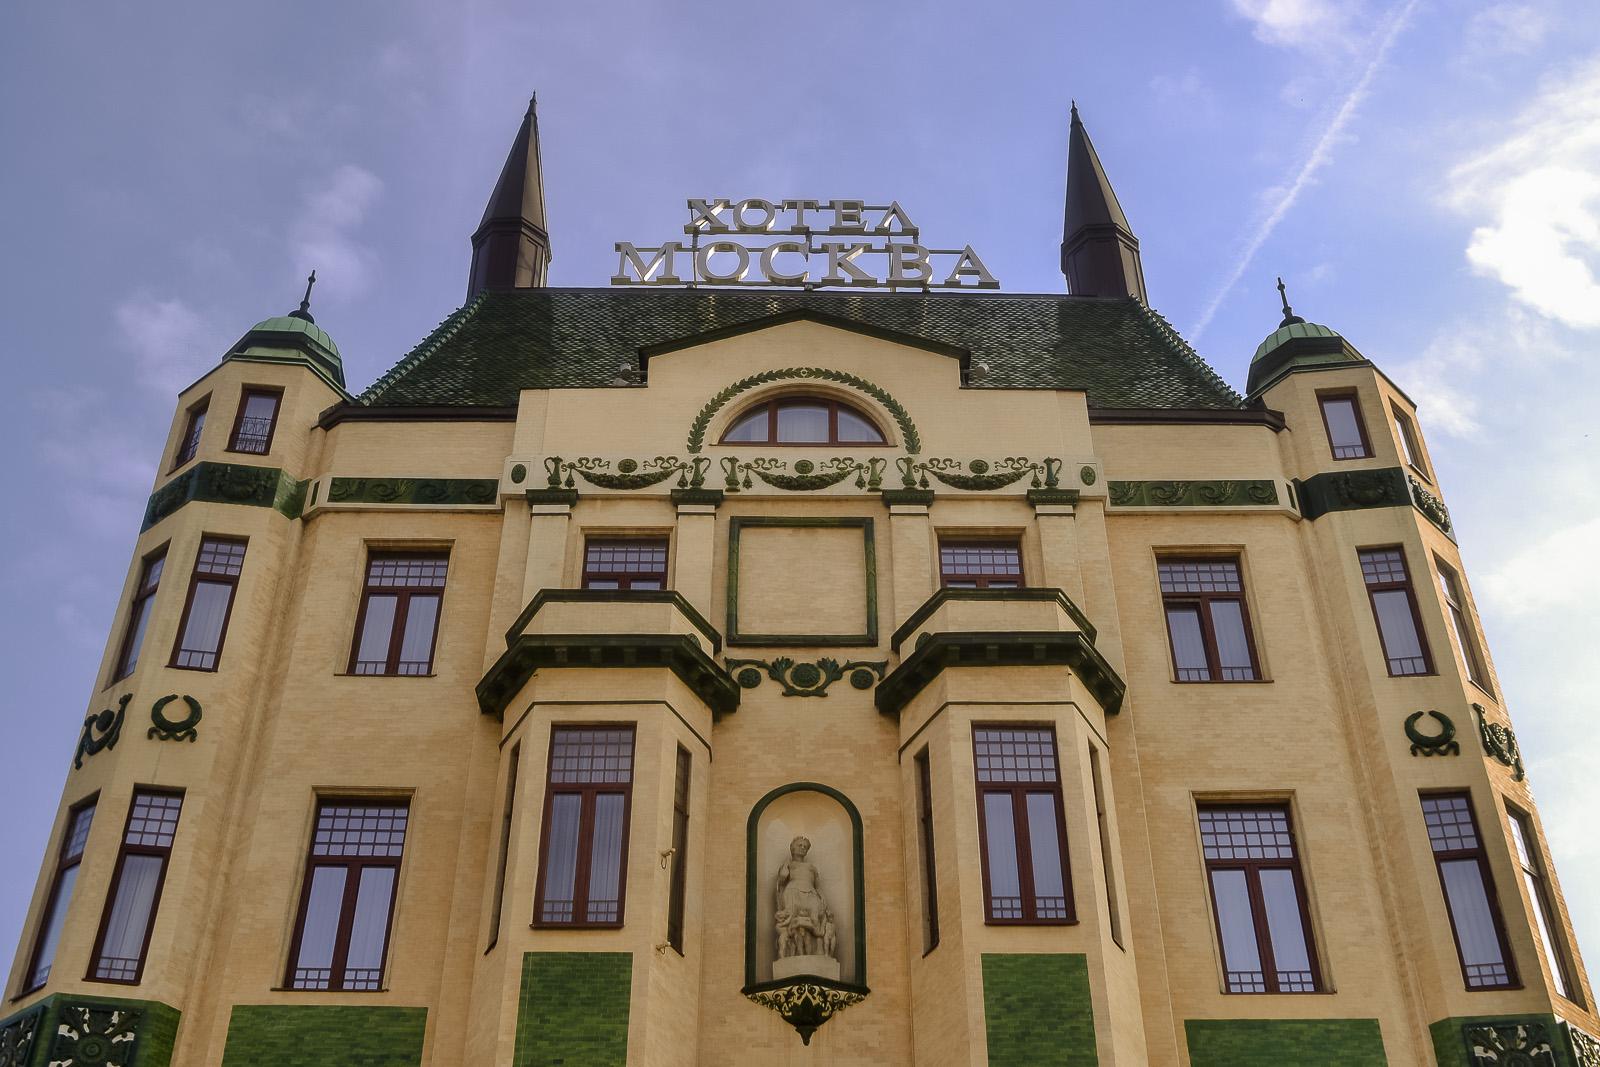 moskva eksterijer ispravljeno78 Moja omiljena gradska destinacija: Hotel Moskva